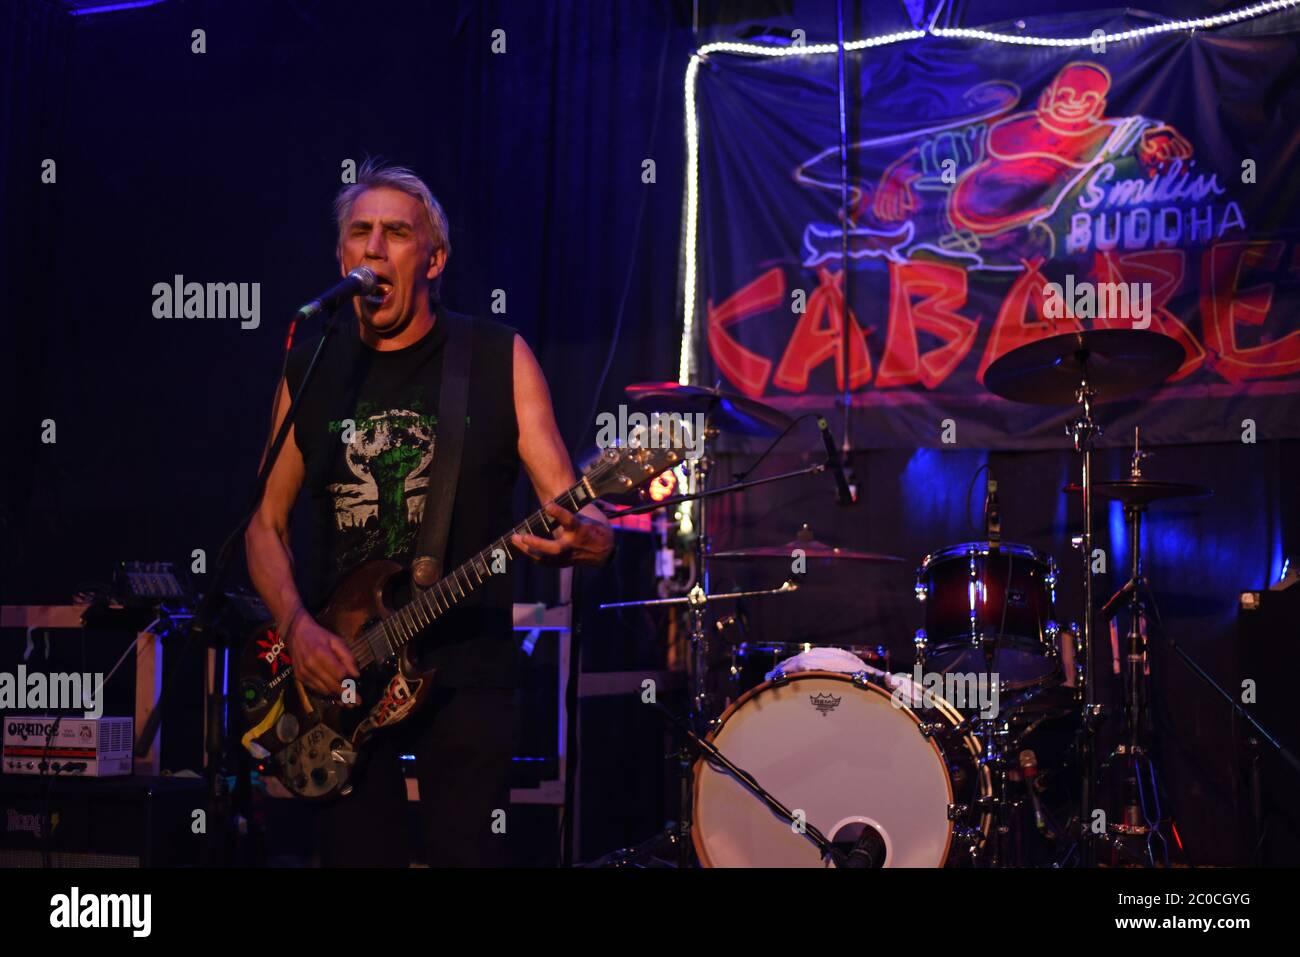 El veterano grupo punk rock, el cantante y guitarrista de DOA Joe Keithley, interpreta un espectáculo en solitario en un álbum lanzado en SBC, una discoteca en el sitio del antiguo Smilin Foto de stock